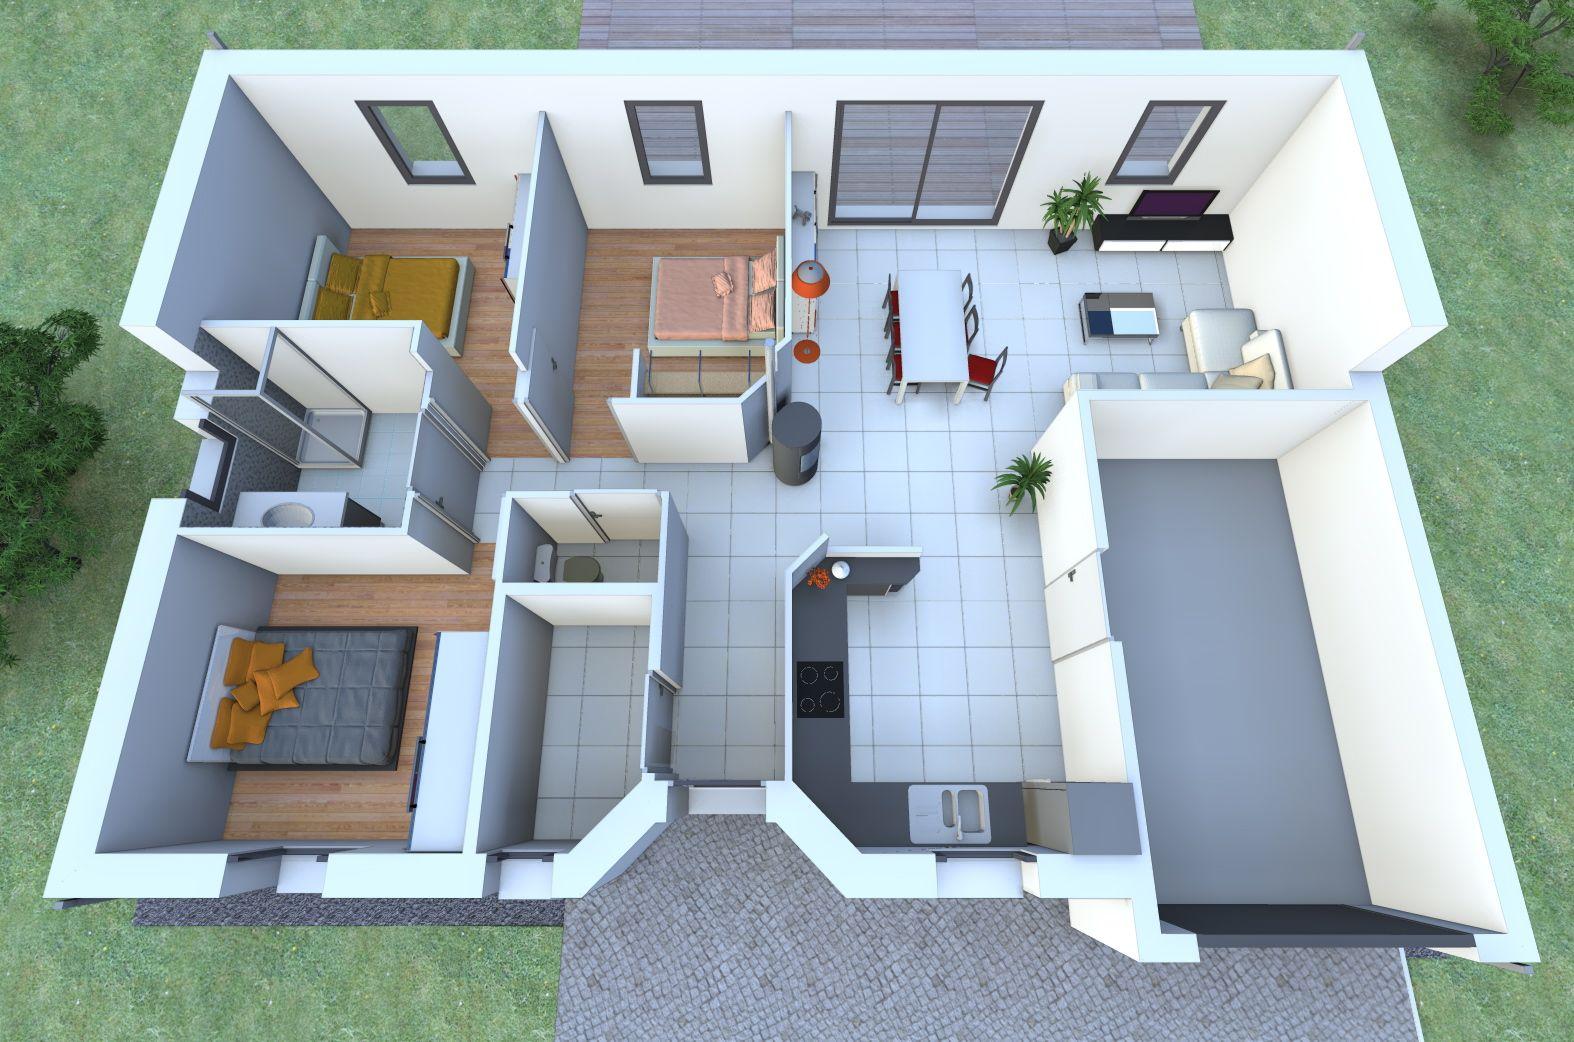 Une maison de plain pied avec 3 chambres vous fait r ver for Construction maison type californienne